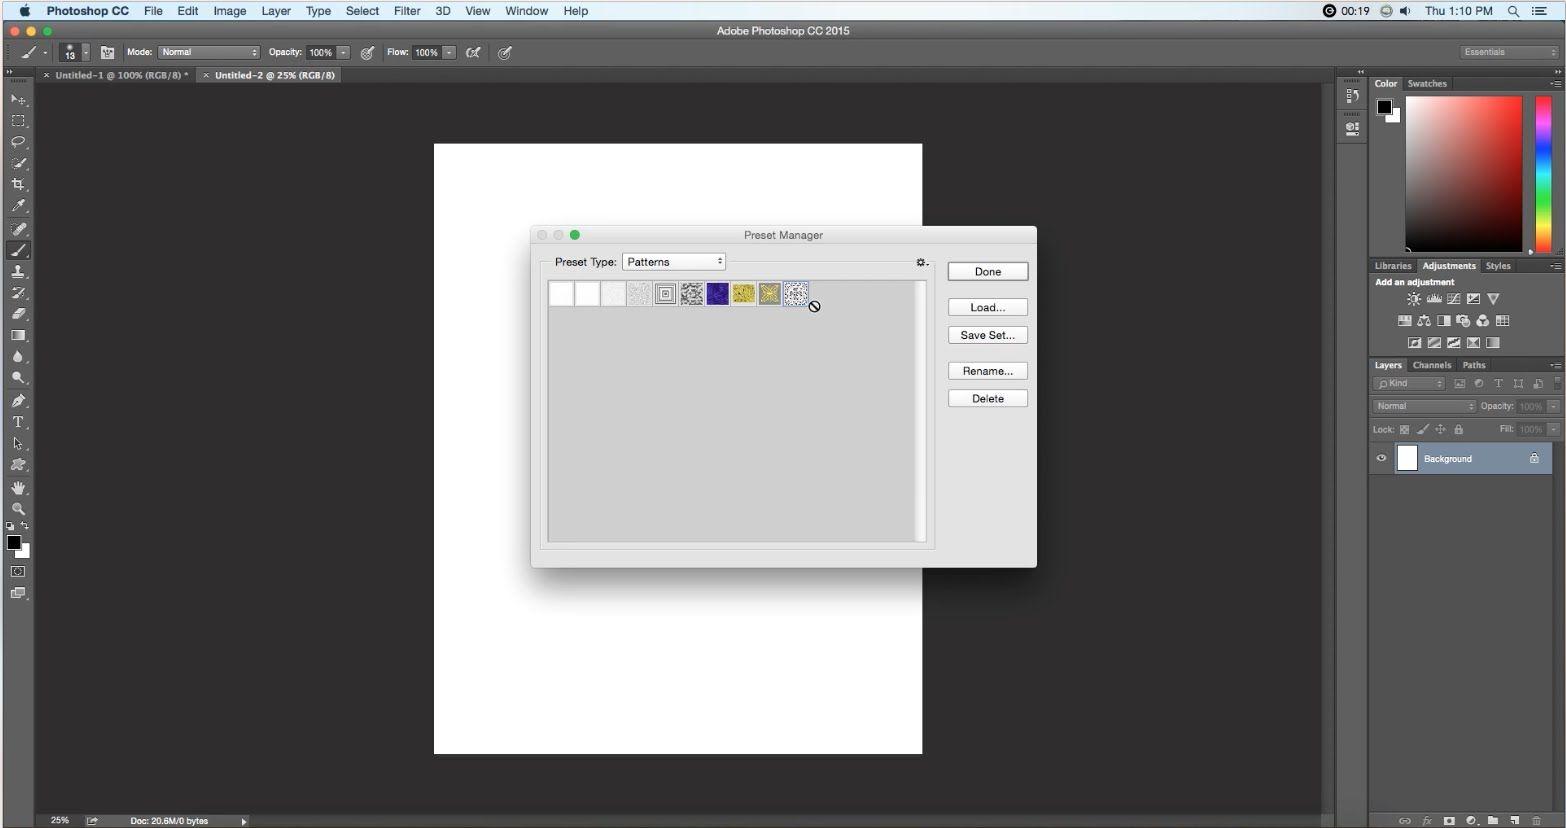 How to delete Photoshop